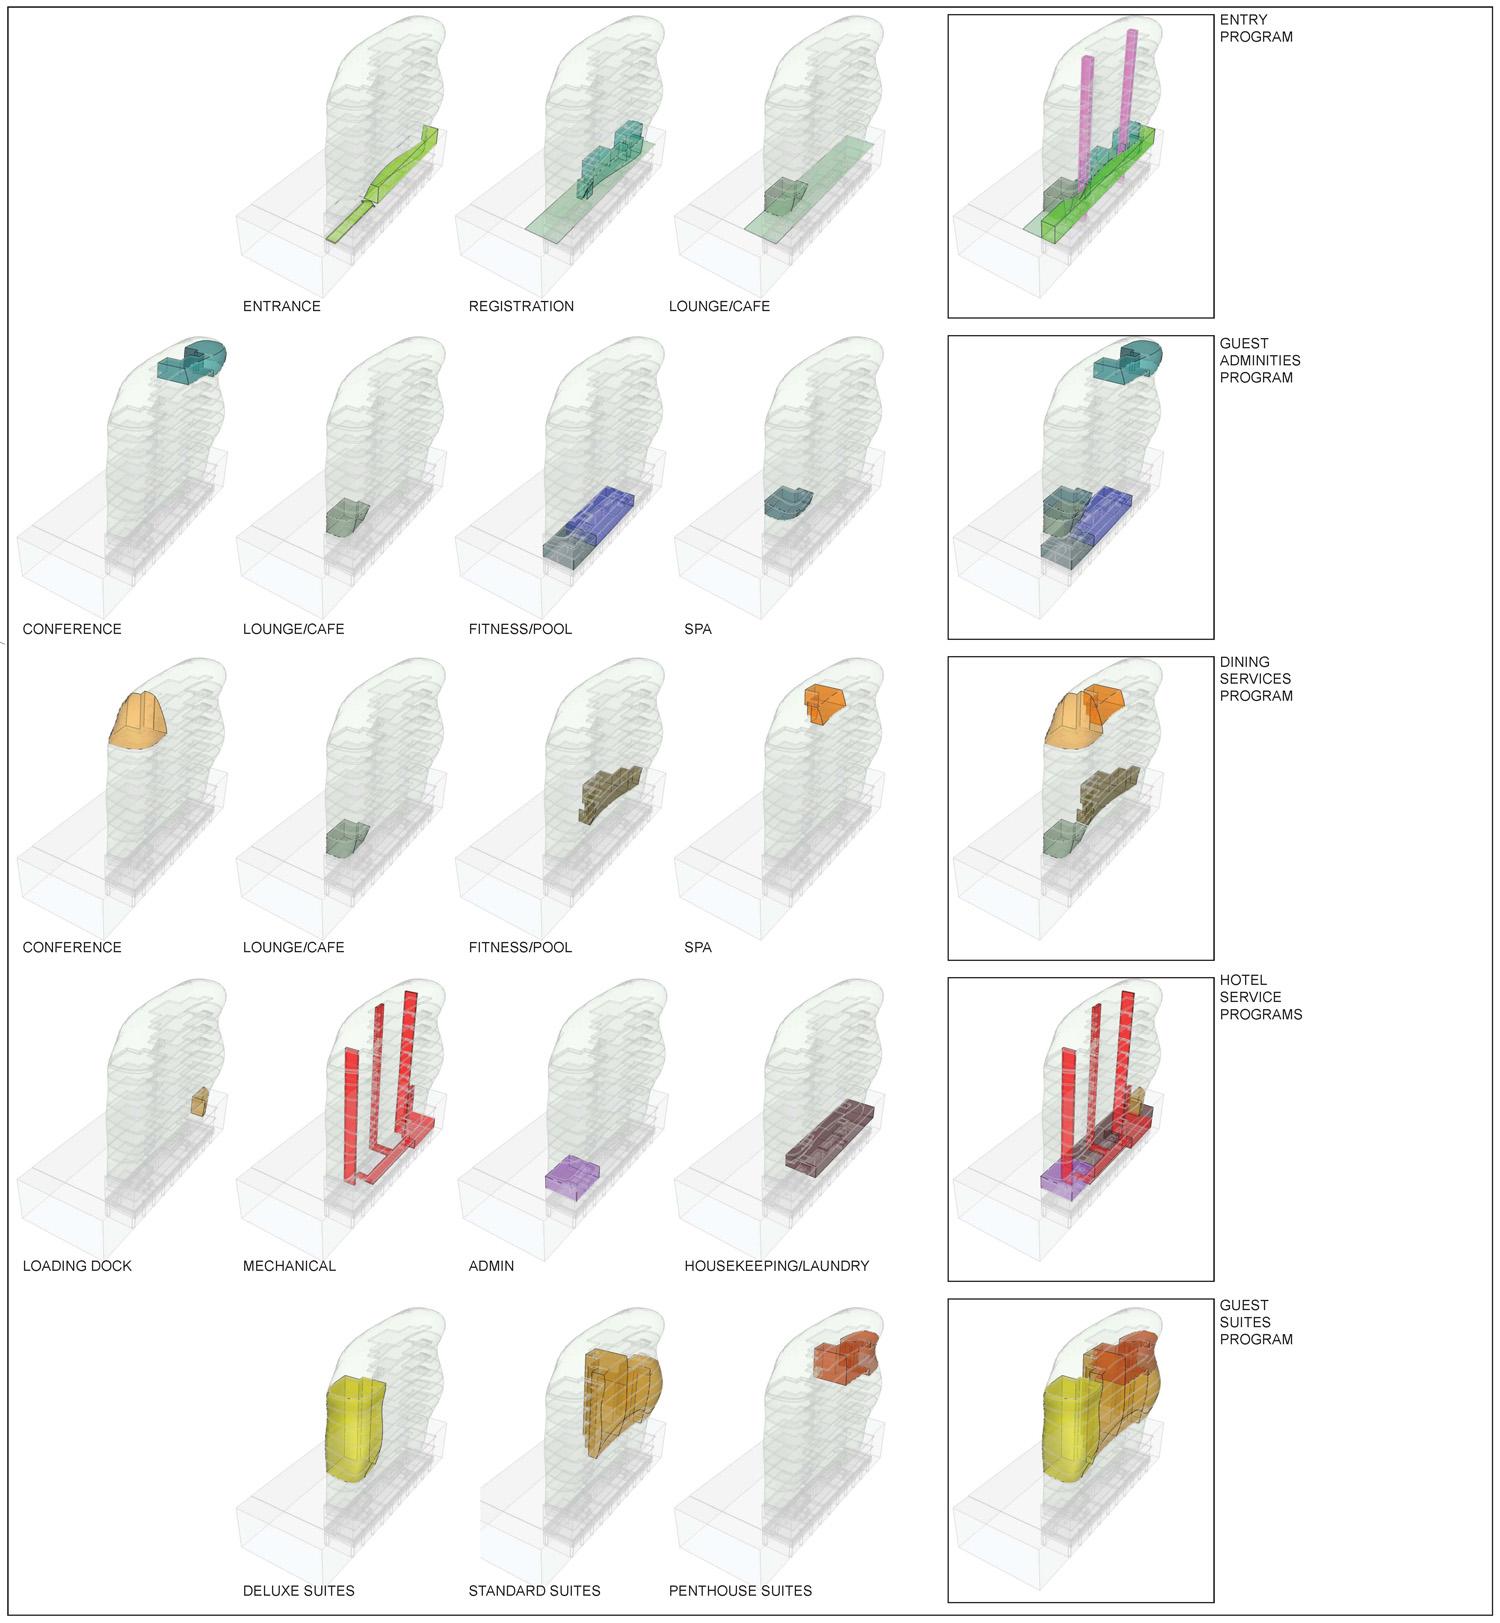 Da Hotel-7-Diagrams-Program.jpg